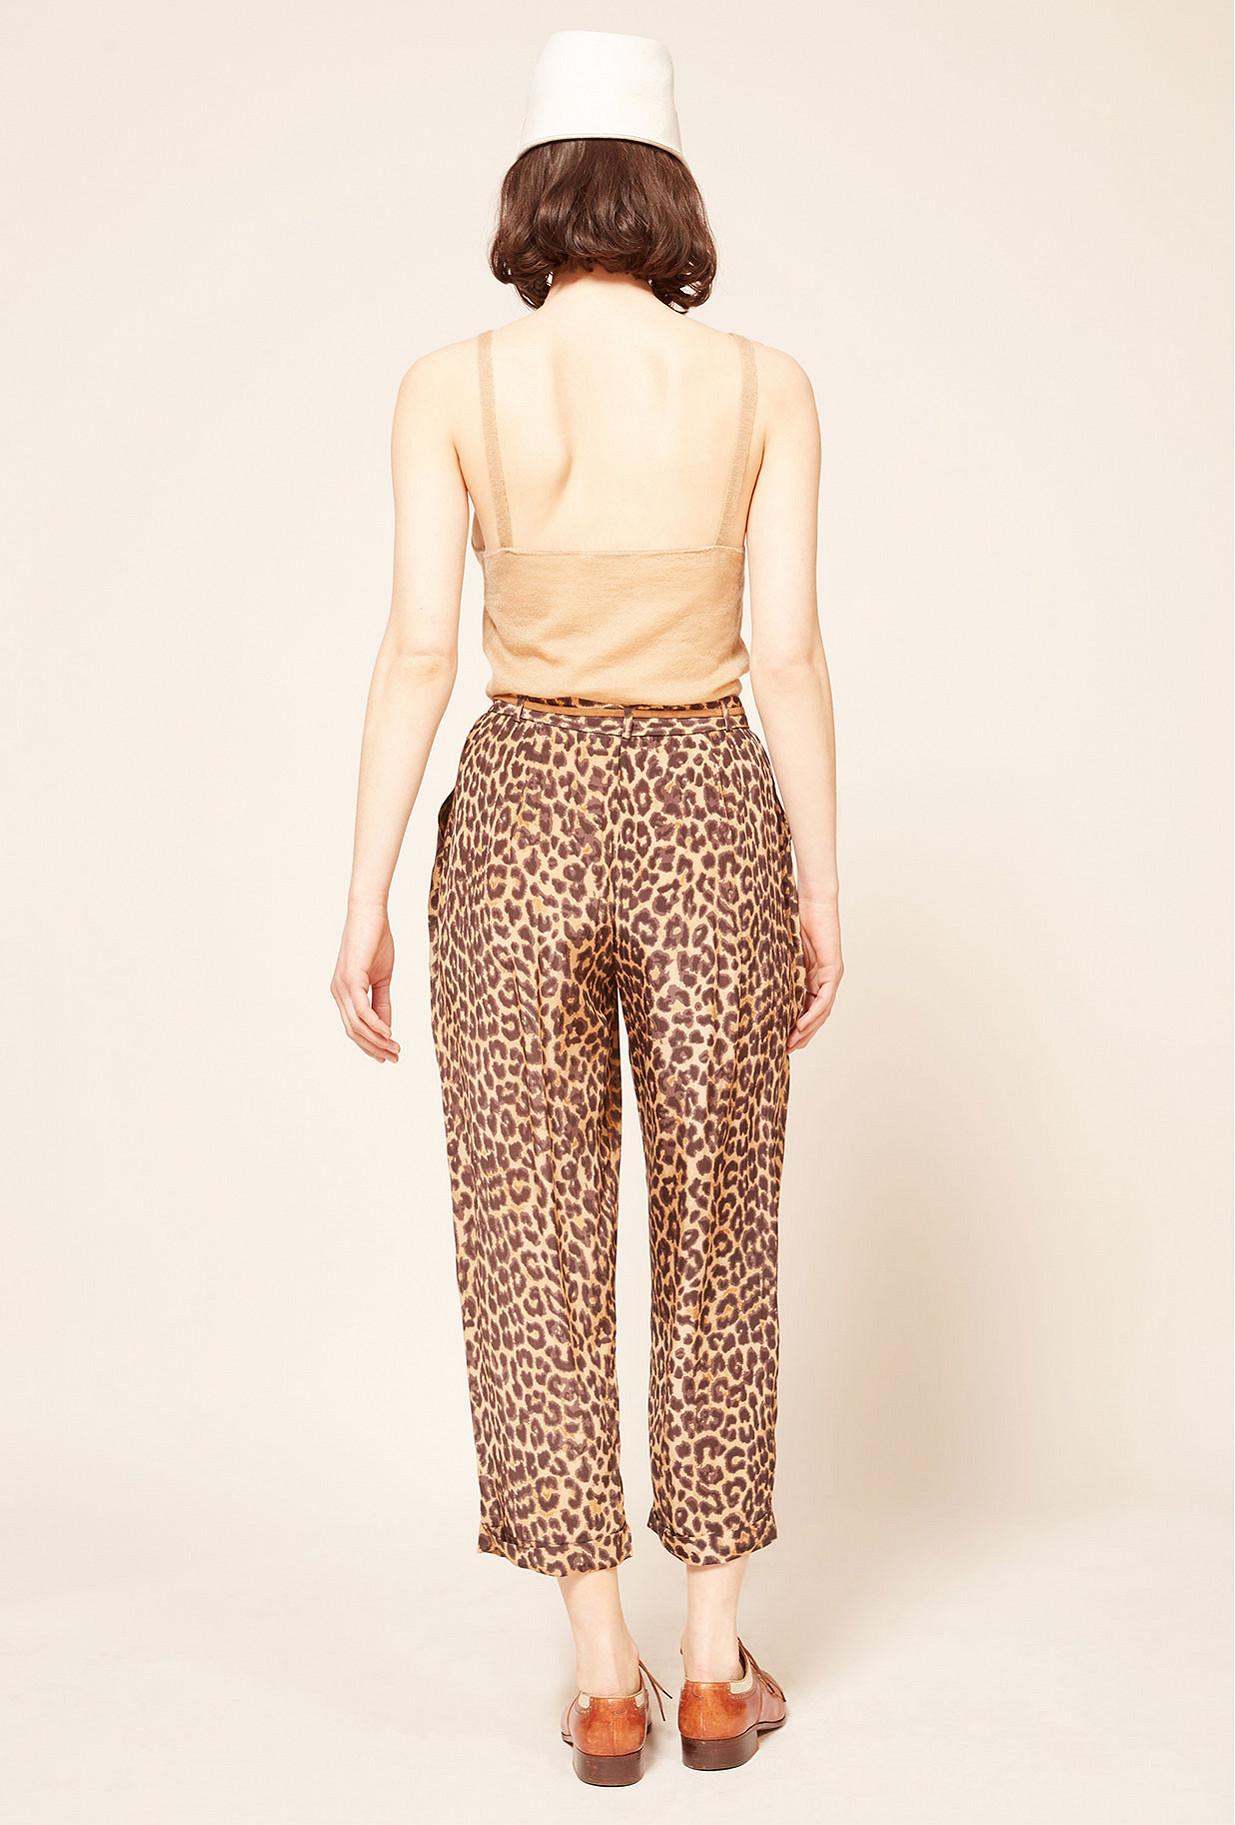 Panther print  pant  Steven Mes demoiselles fashion clothes designer Paris